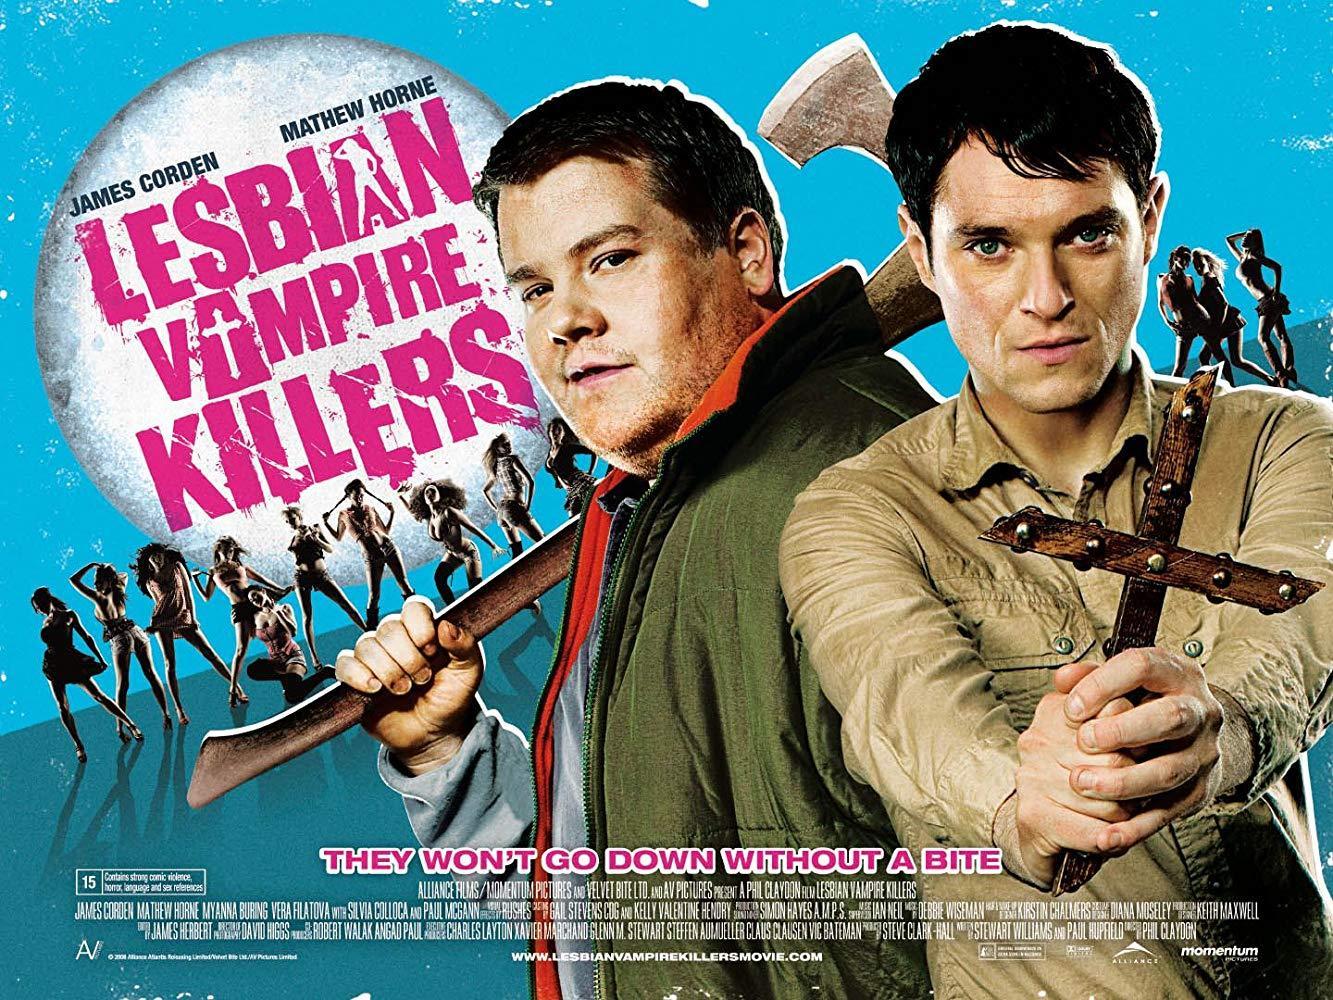 فيلم Lesbian Vampire Killers 2009 مترجم (للكبار فقط)